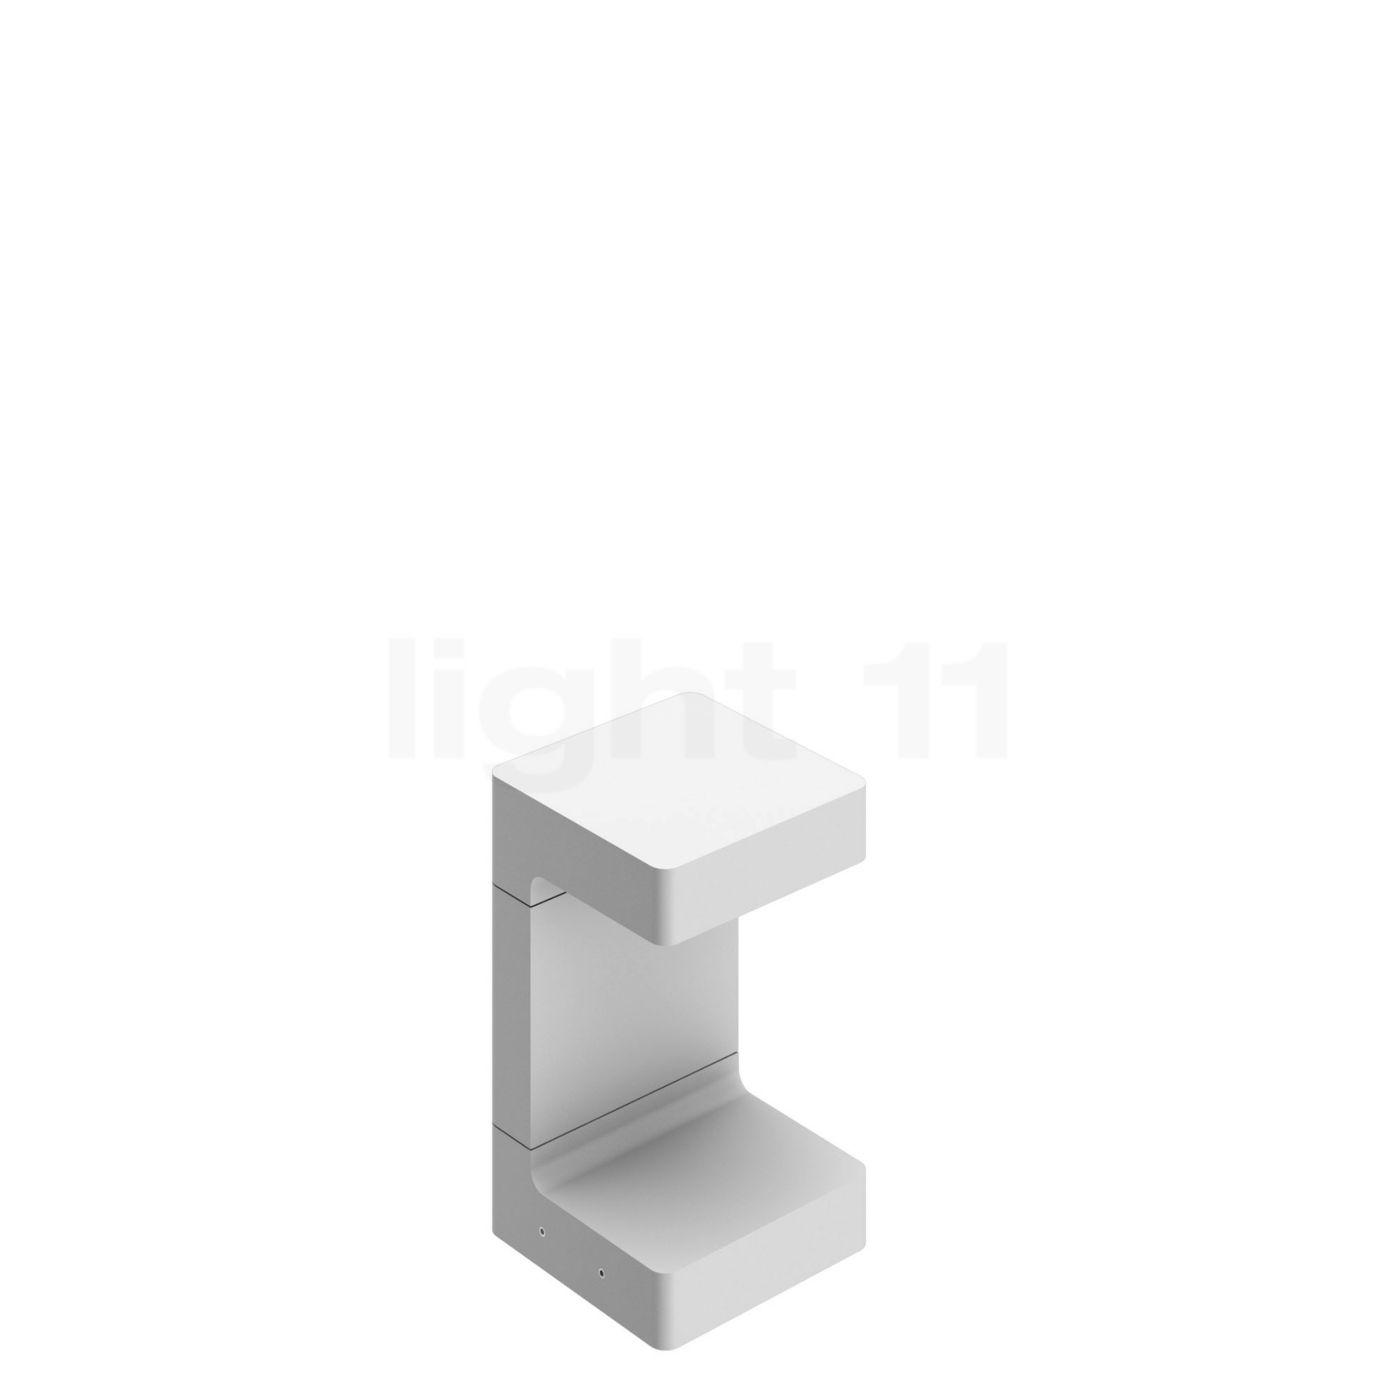 Flos Casting C 150 25 cm, weiß F1230001